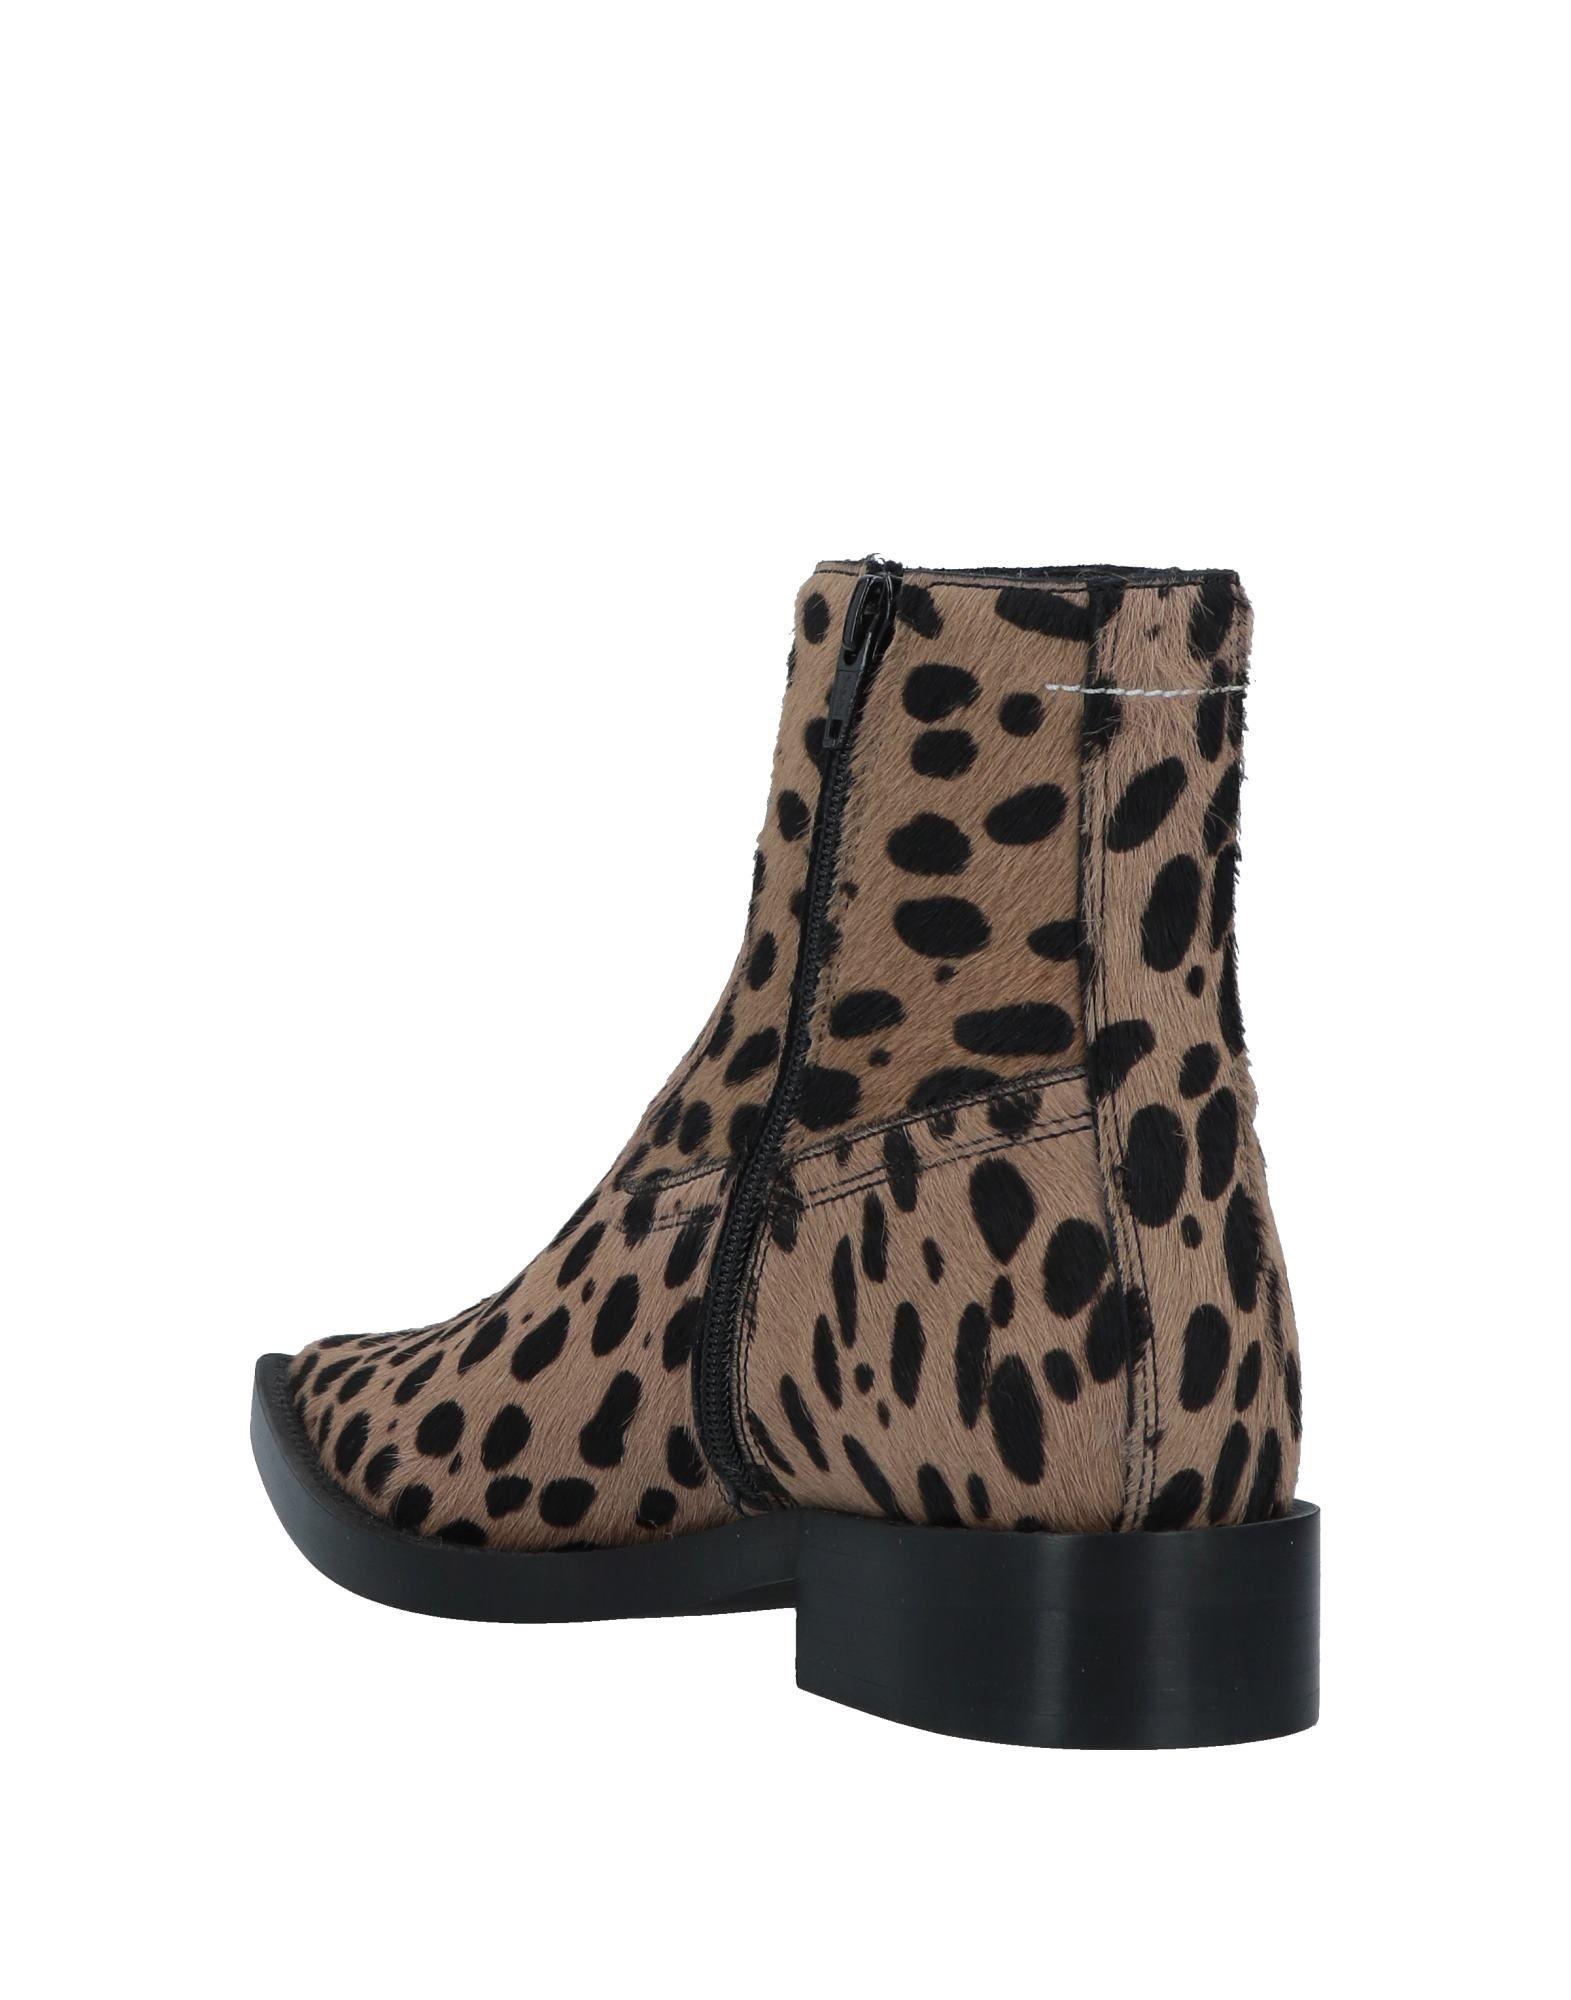 FOOTWEAR Mm6 Maison Margiela Camel Woman Leather